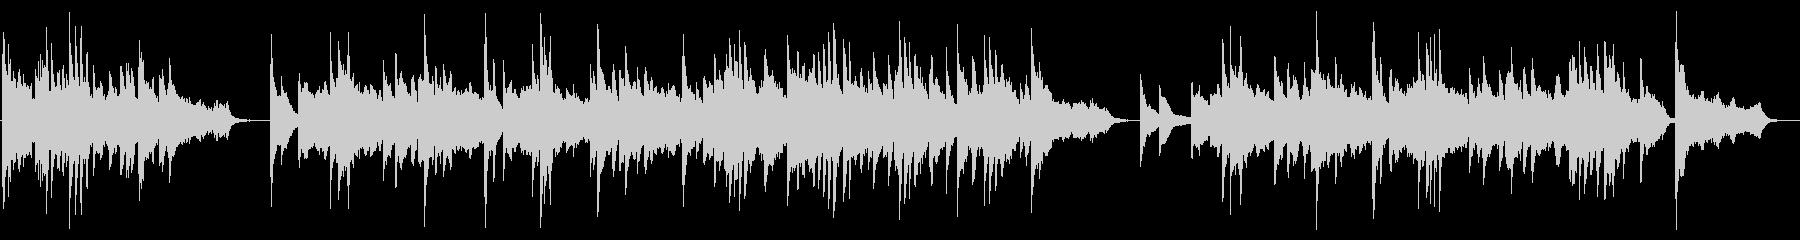 ピアノを主体にした美しいポップスの未再生の波形